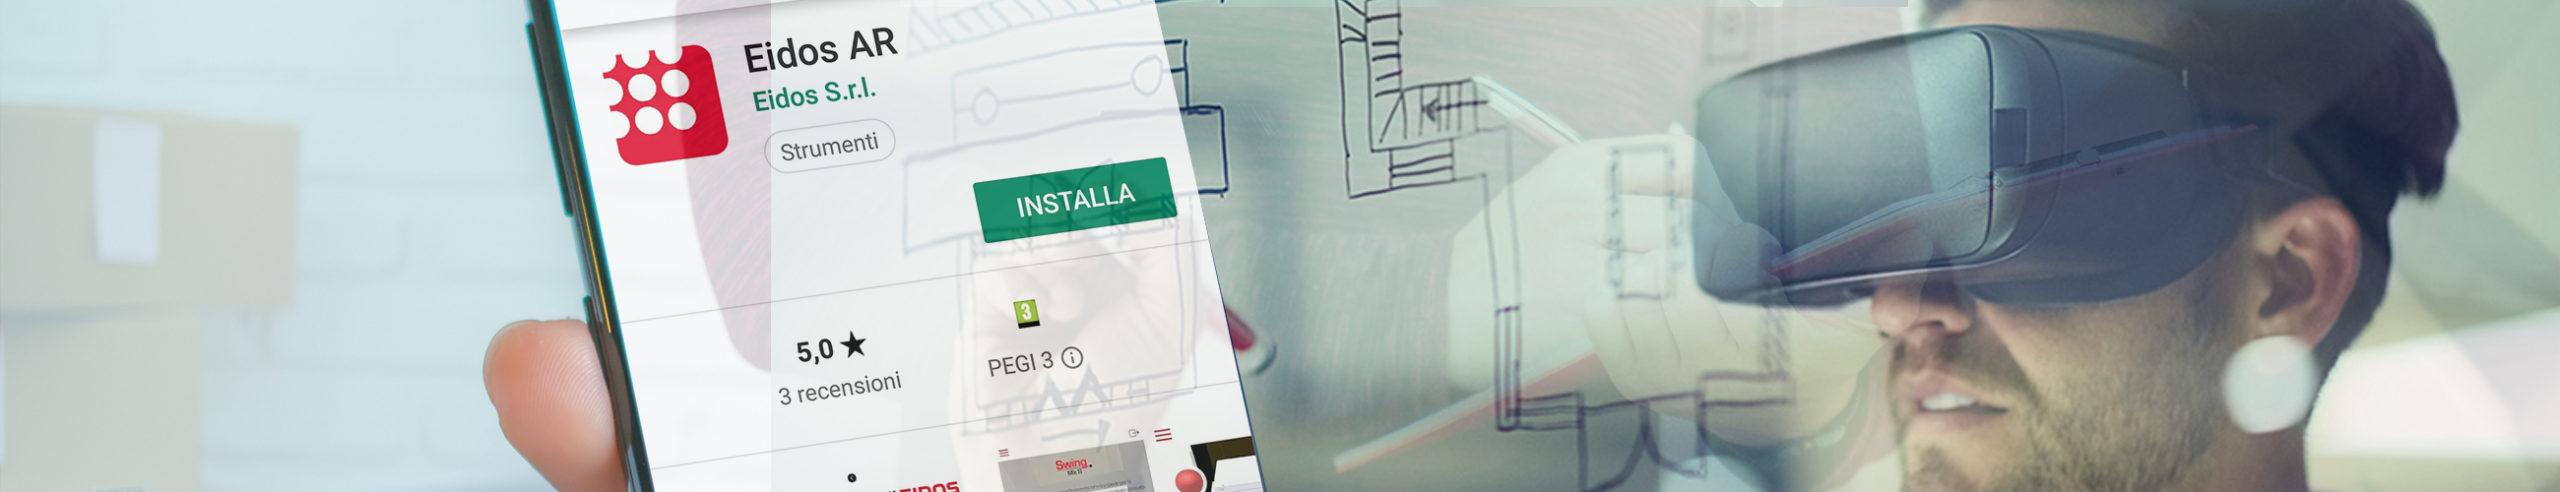 Il futuro del packaging? La realtà aumentata.